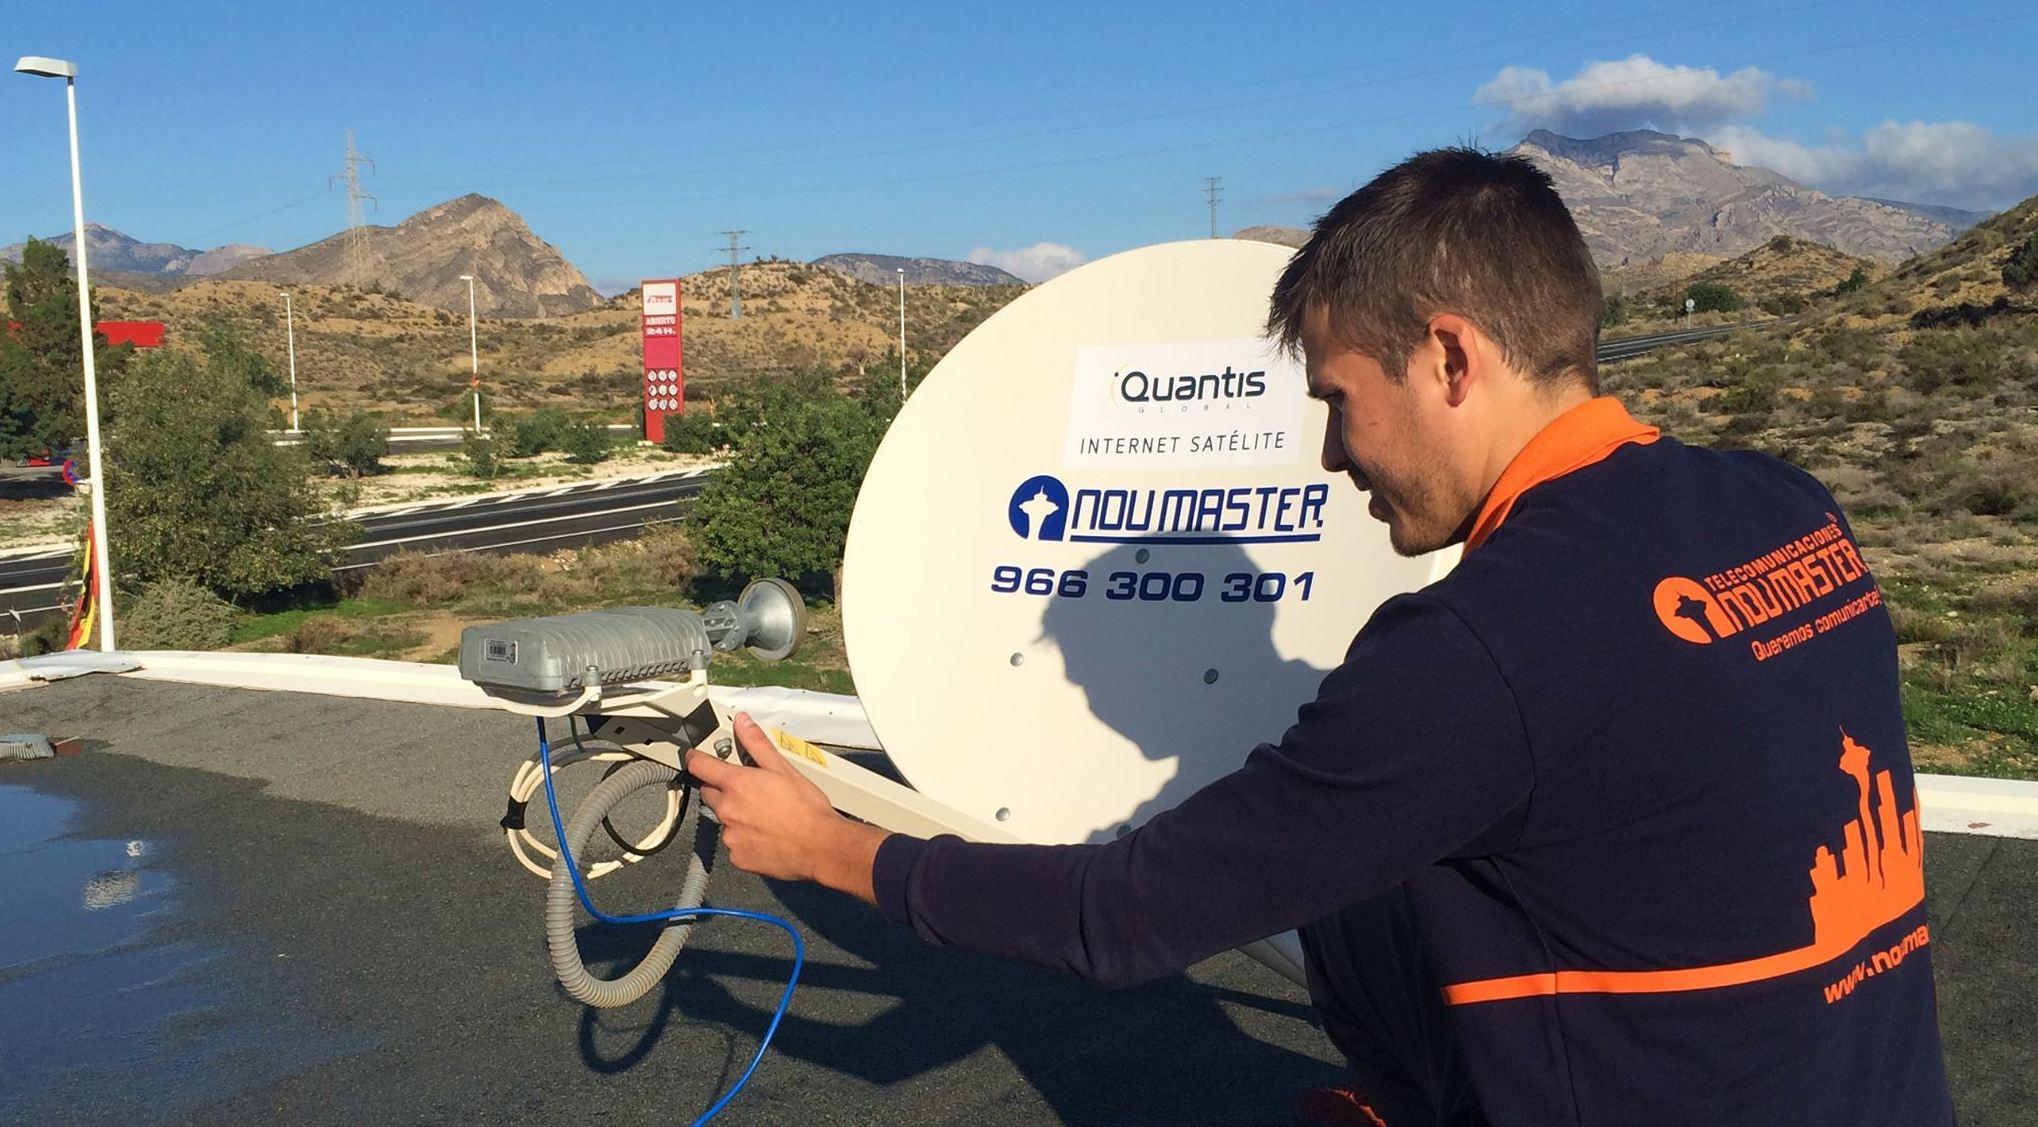 Internet por satélite en Alicante